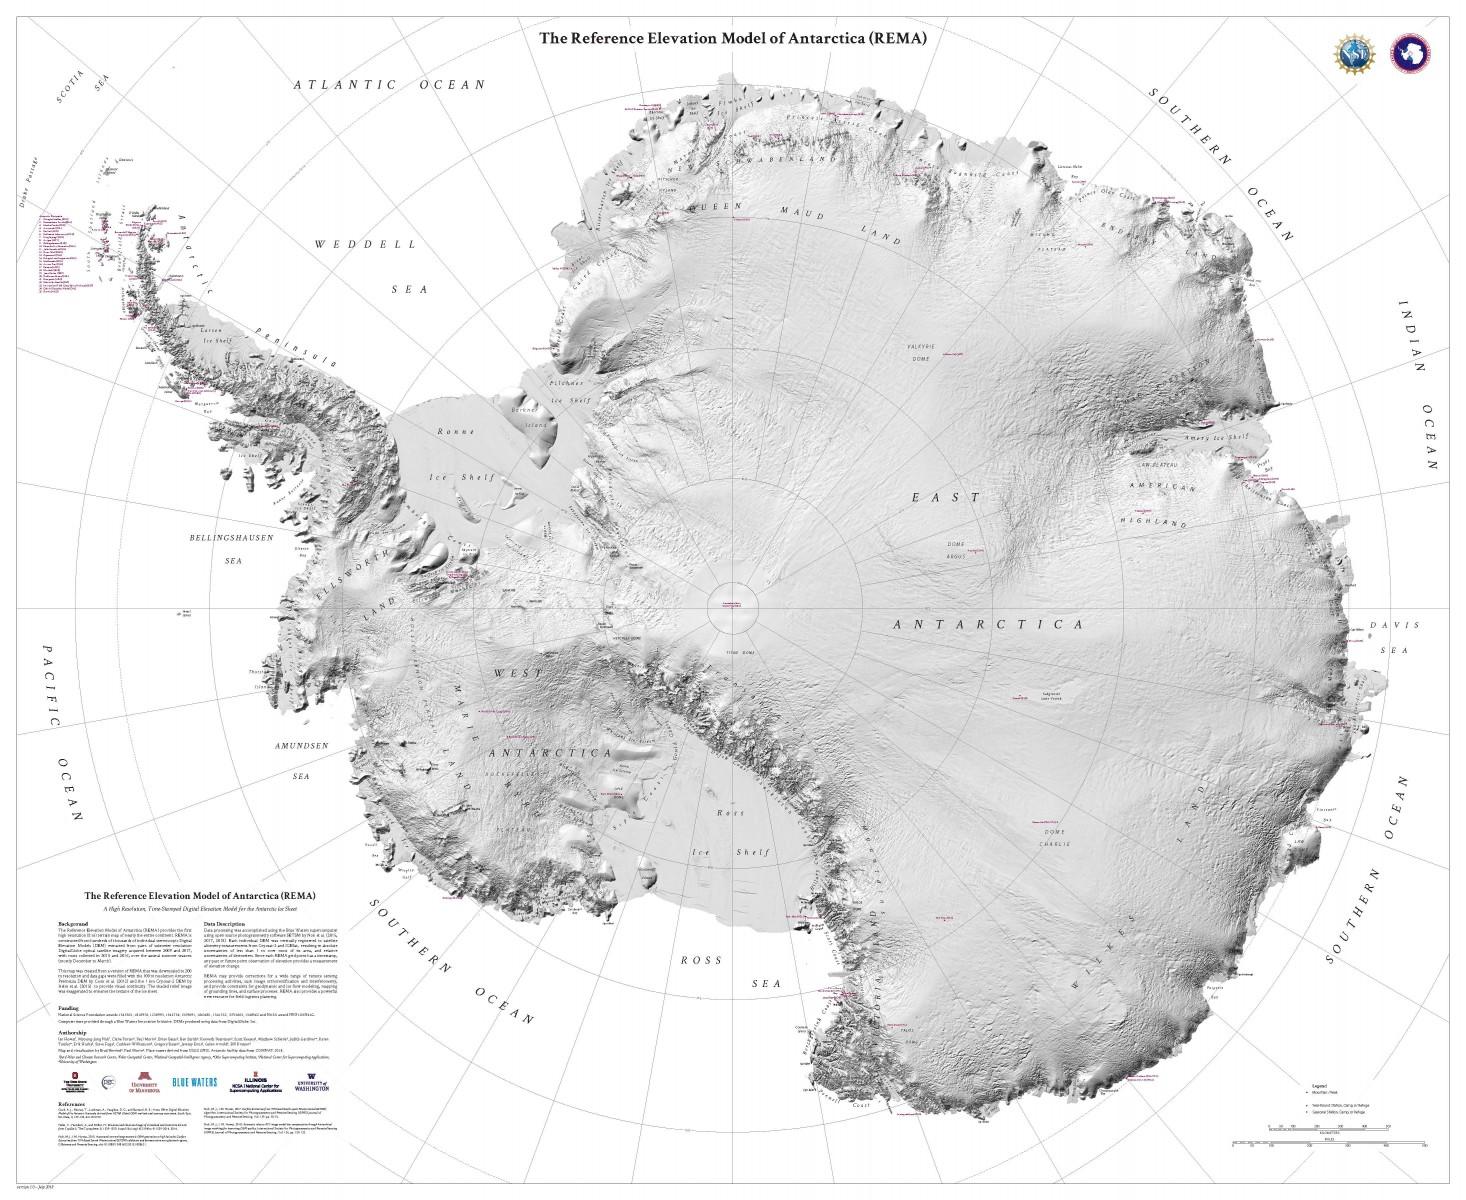 REMA_Mappa online dell'Antartide, la più precisa